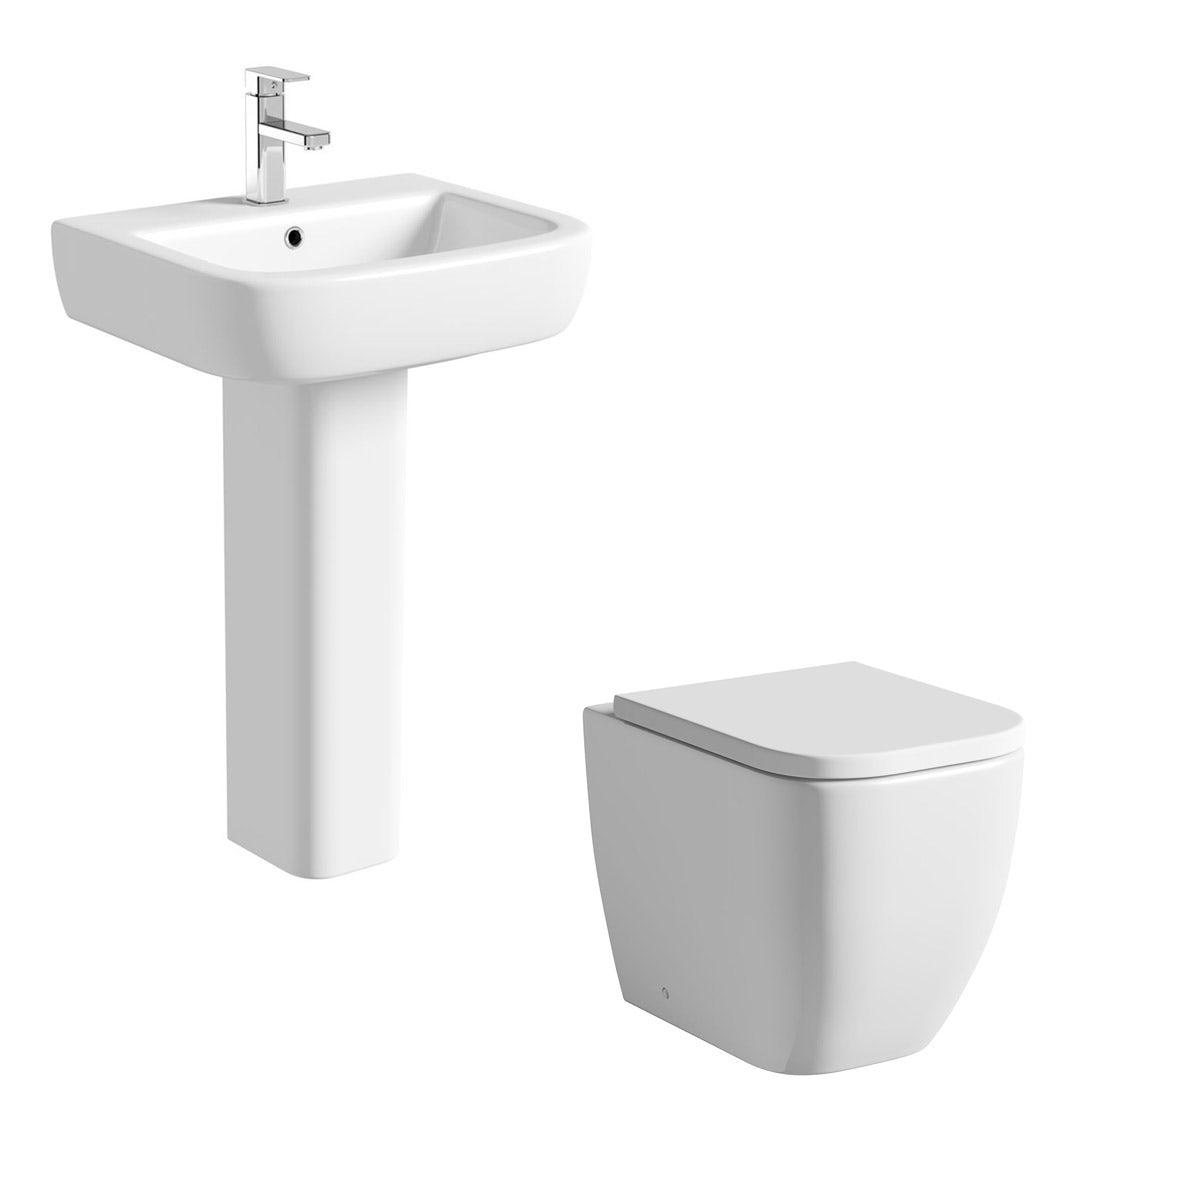 Mode Ellis cloakroom suite with full pedestal basin 560mm